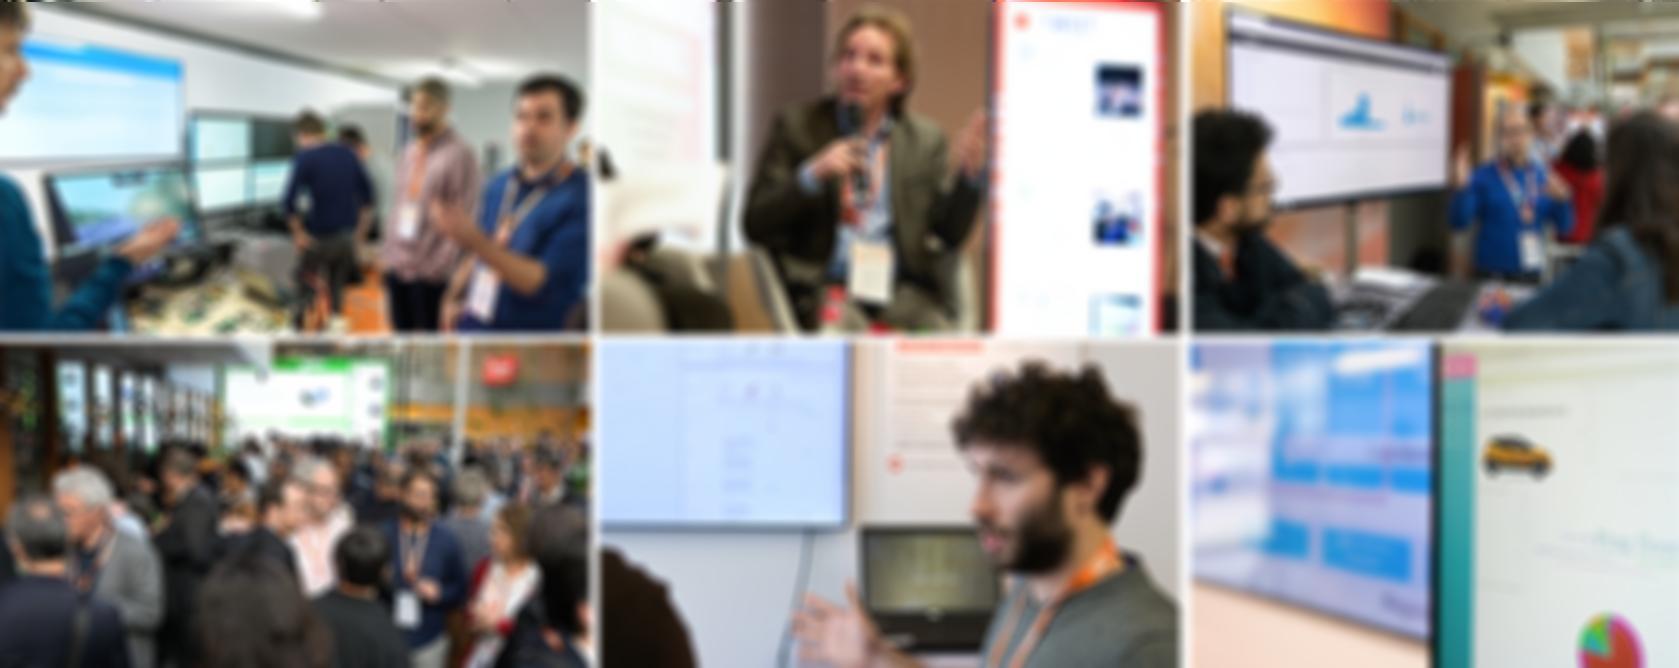 Workshop : Approches topologiques et géométriques pour l'apprentissage statistique, théorie et pratique